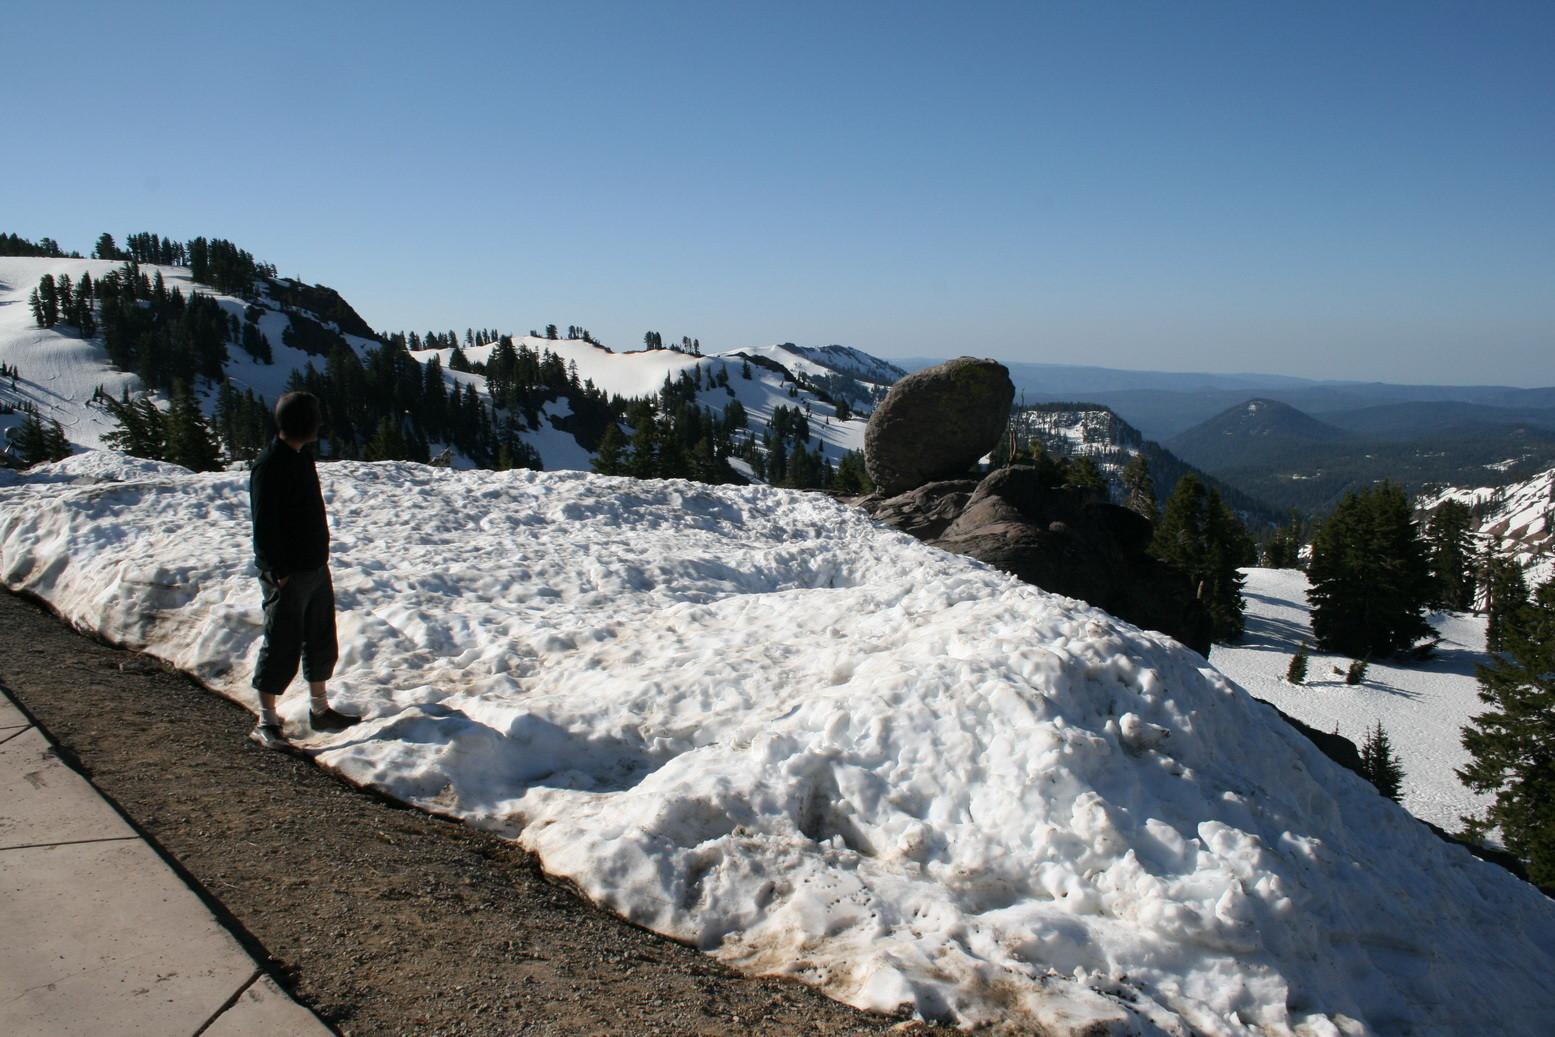 In höheren Lagen liegt noch Schnee